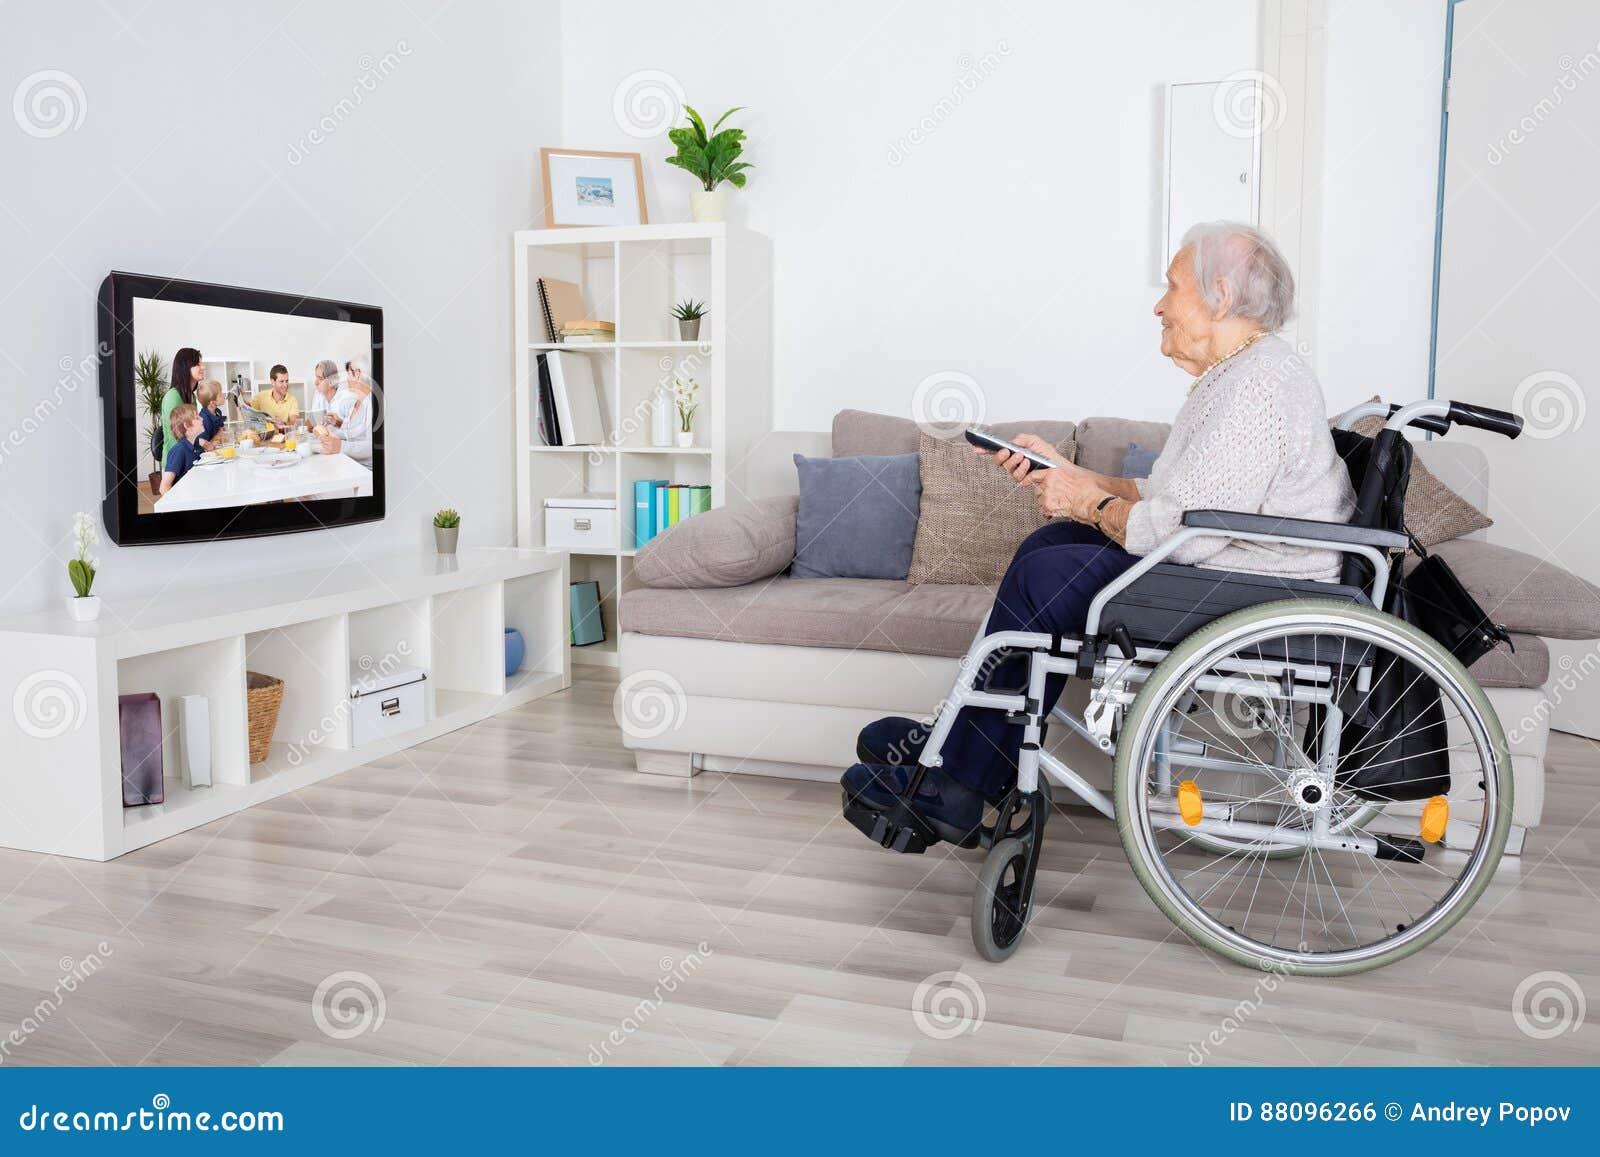 在电视上的祖母观看的电影